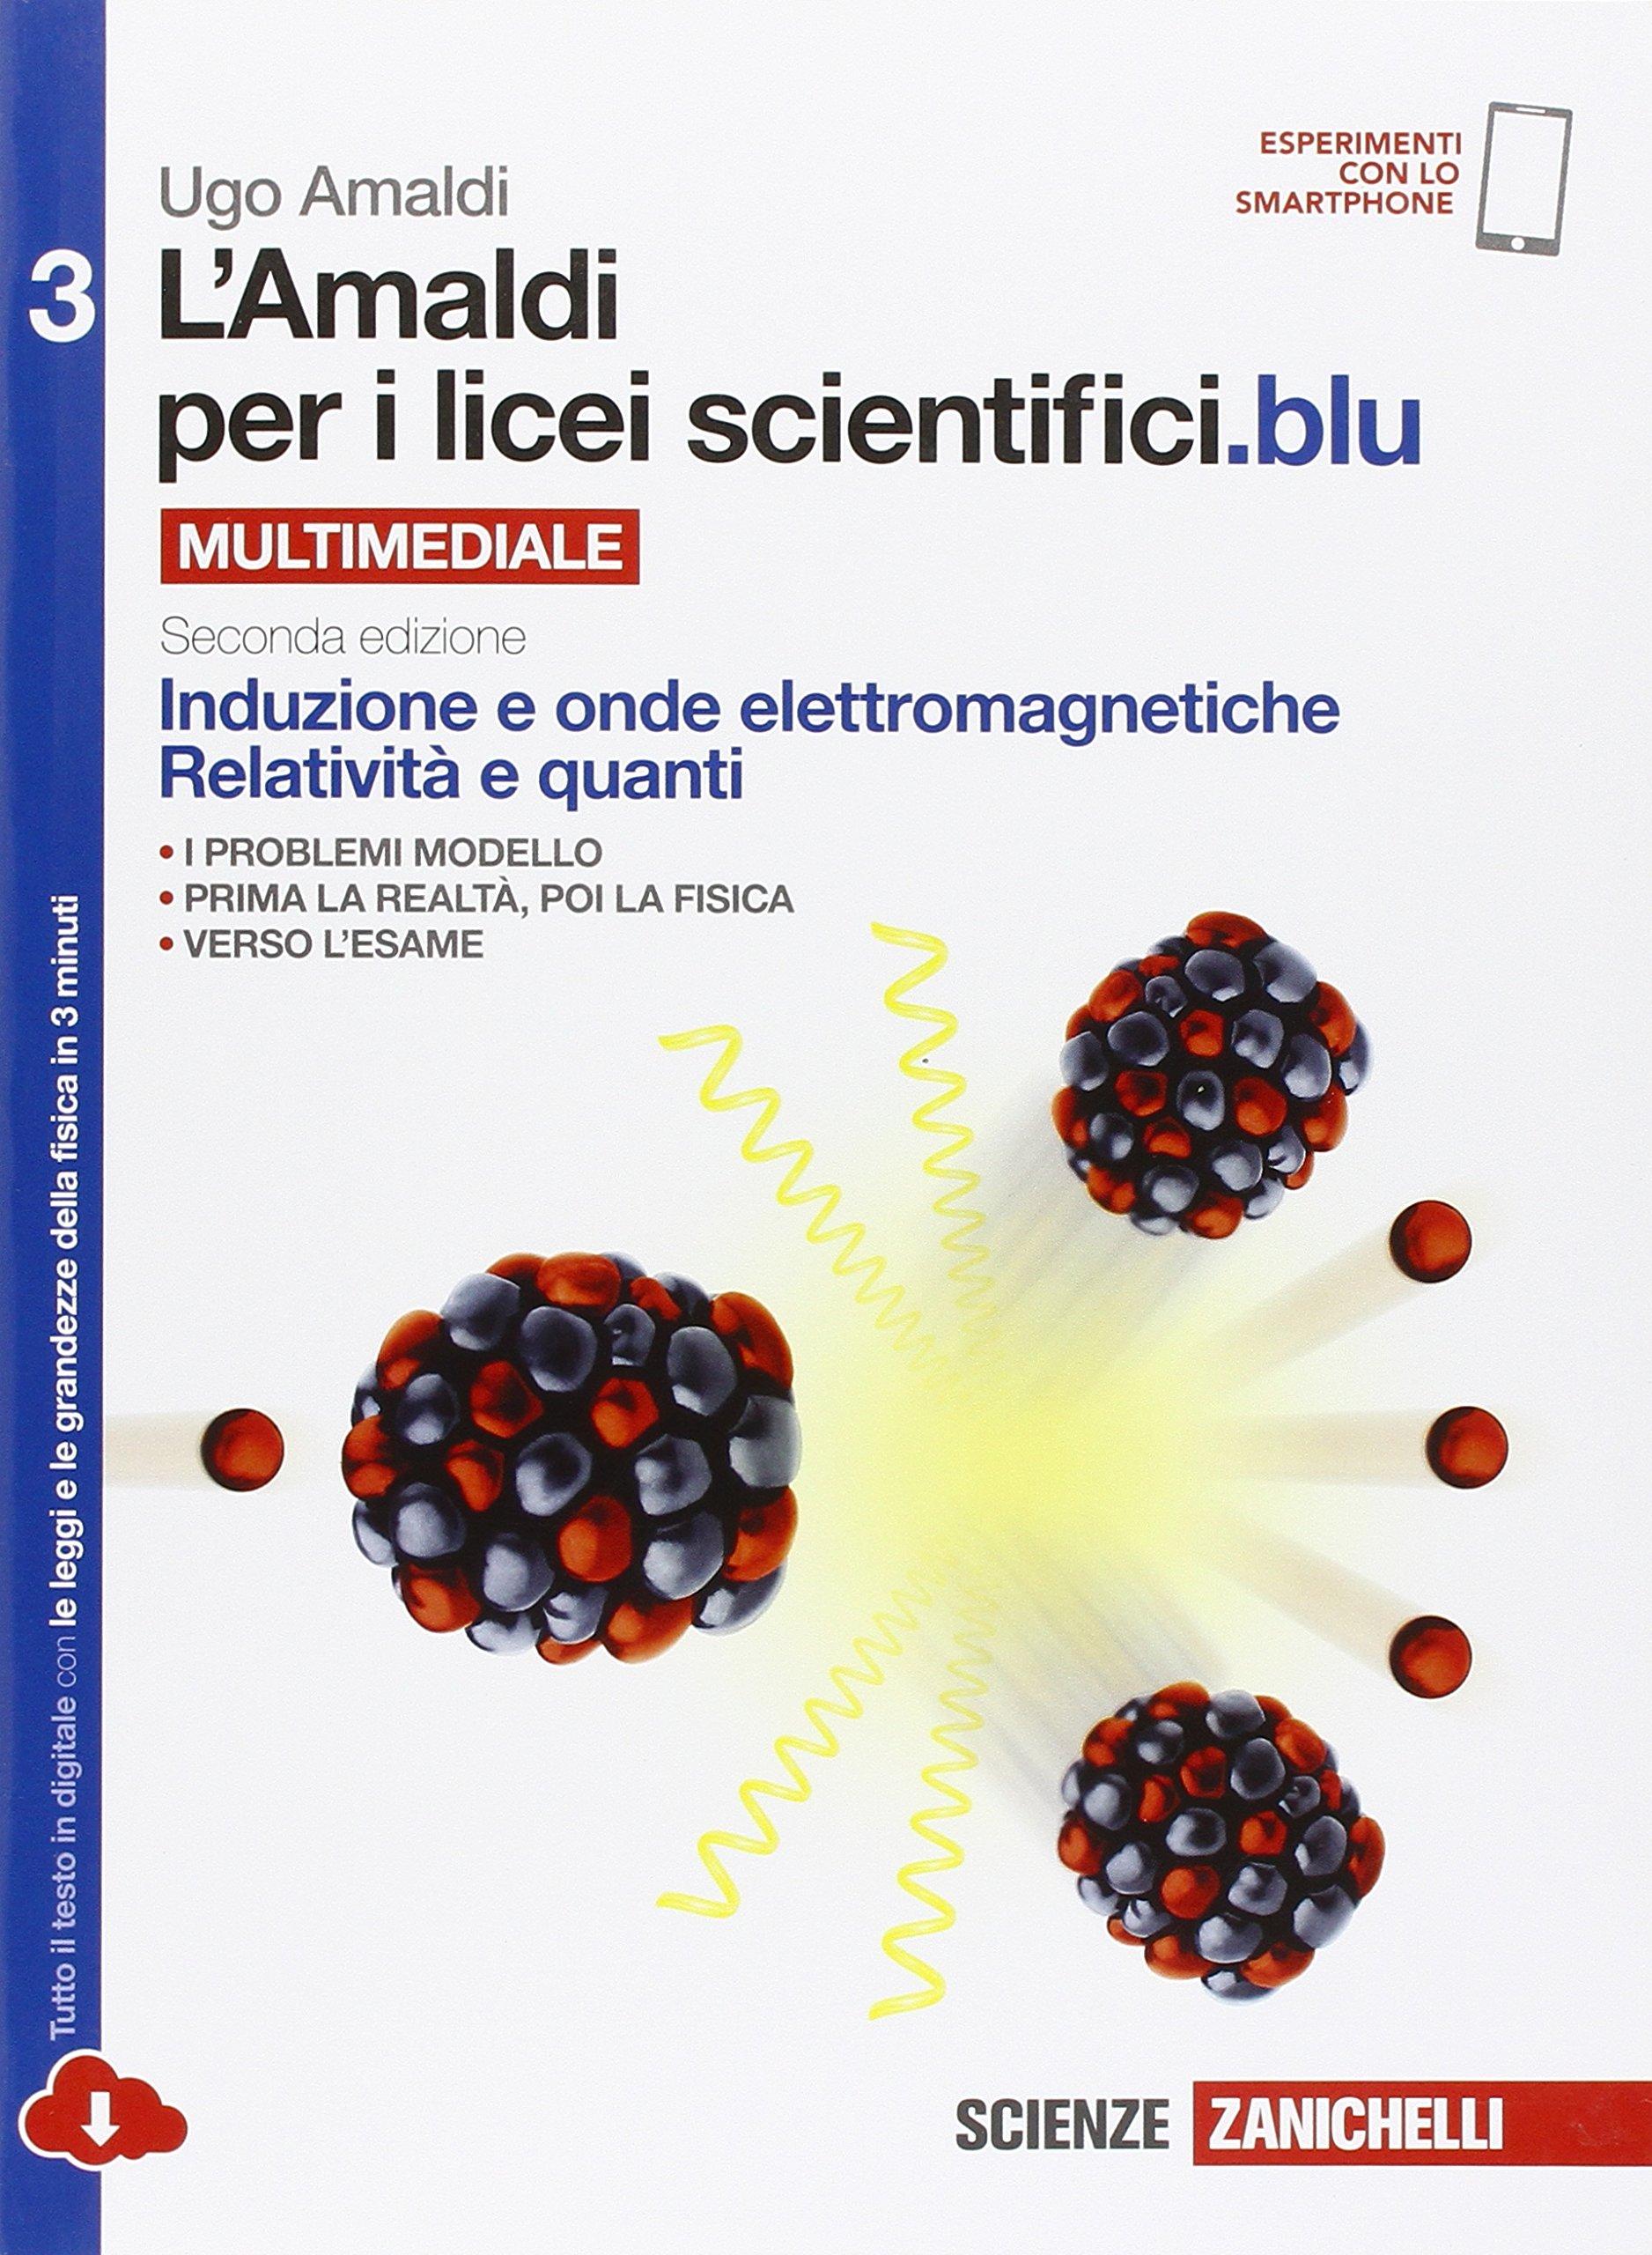 L'Amaldi per i licei scientifici.blu 3, libro di fisica per le scuole superiori